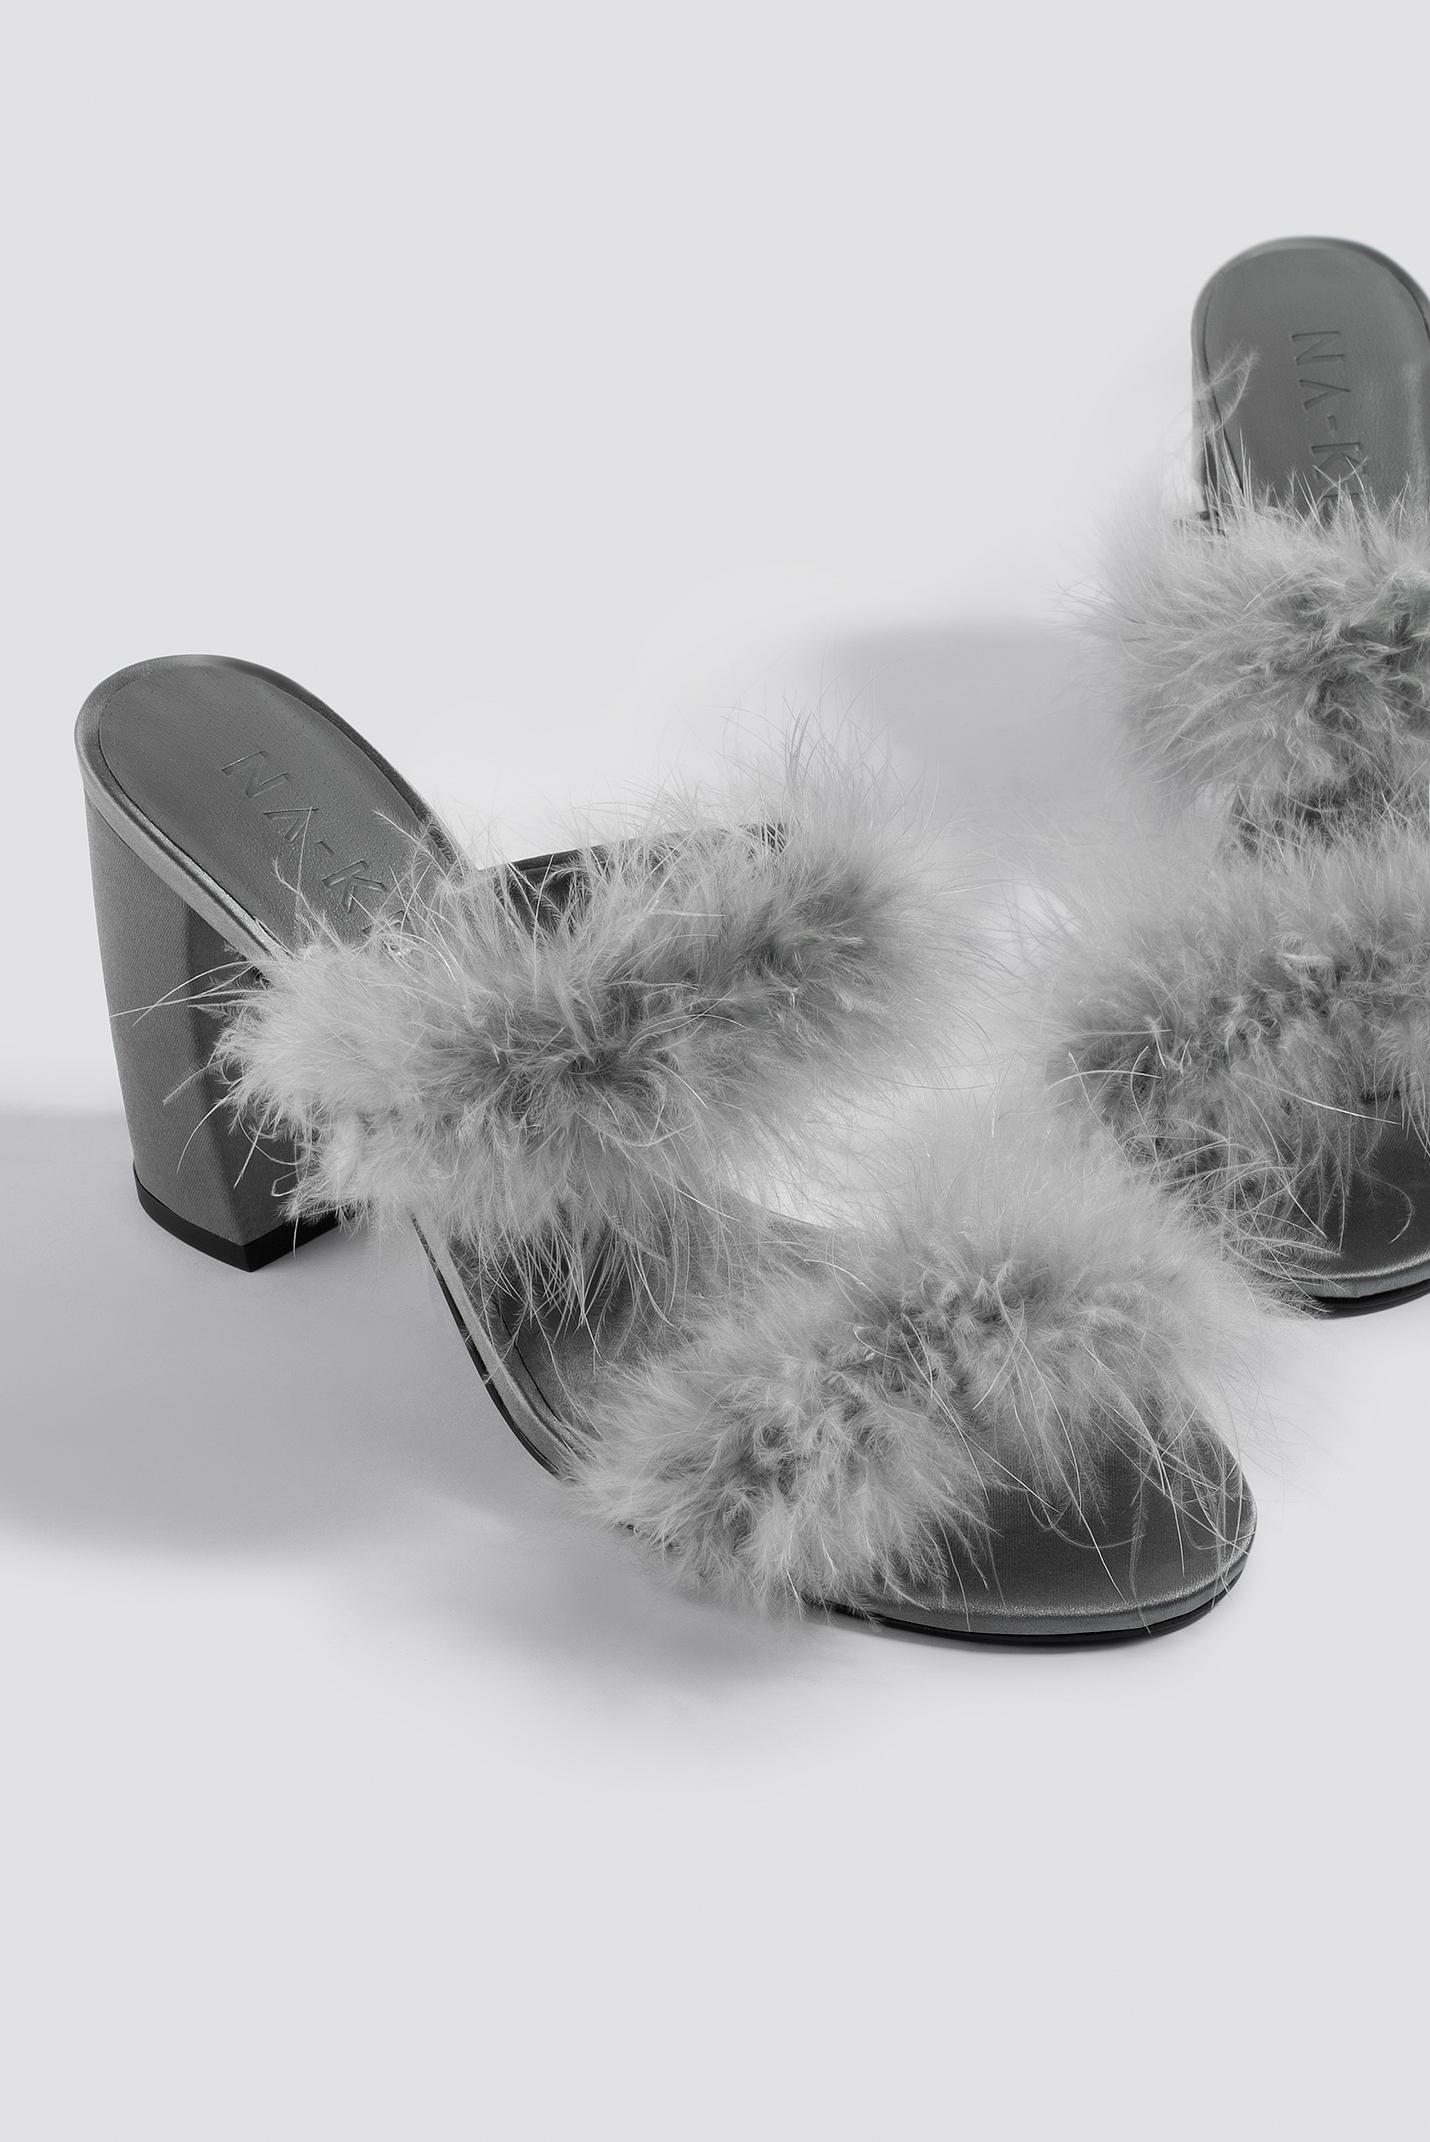 Expédition Des Frais Bas Prix Pas Cher Footlocker Images La Vente En Ligne NA-KD Feather Mule Heel Sandals acheter Nouveau Jeu gVR652